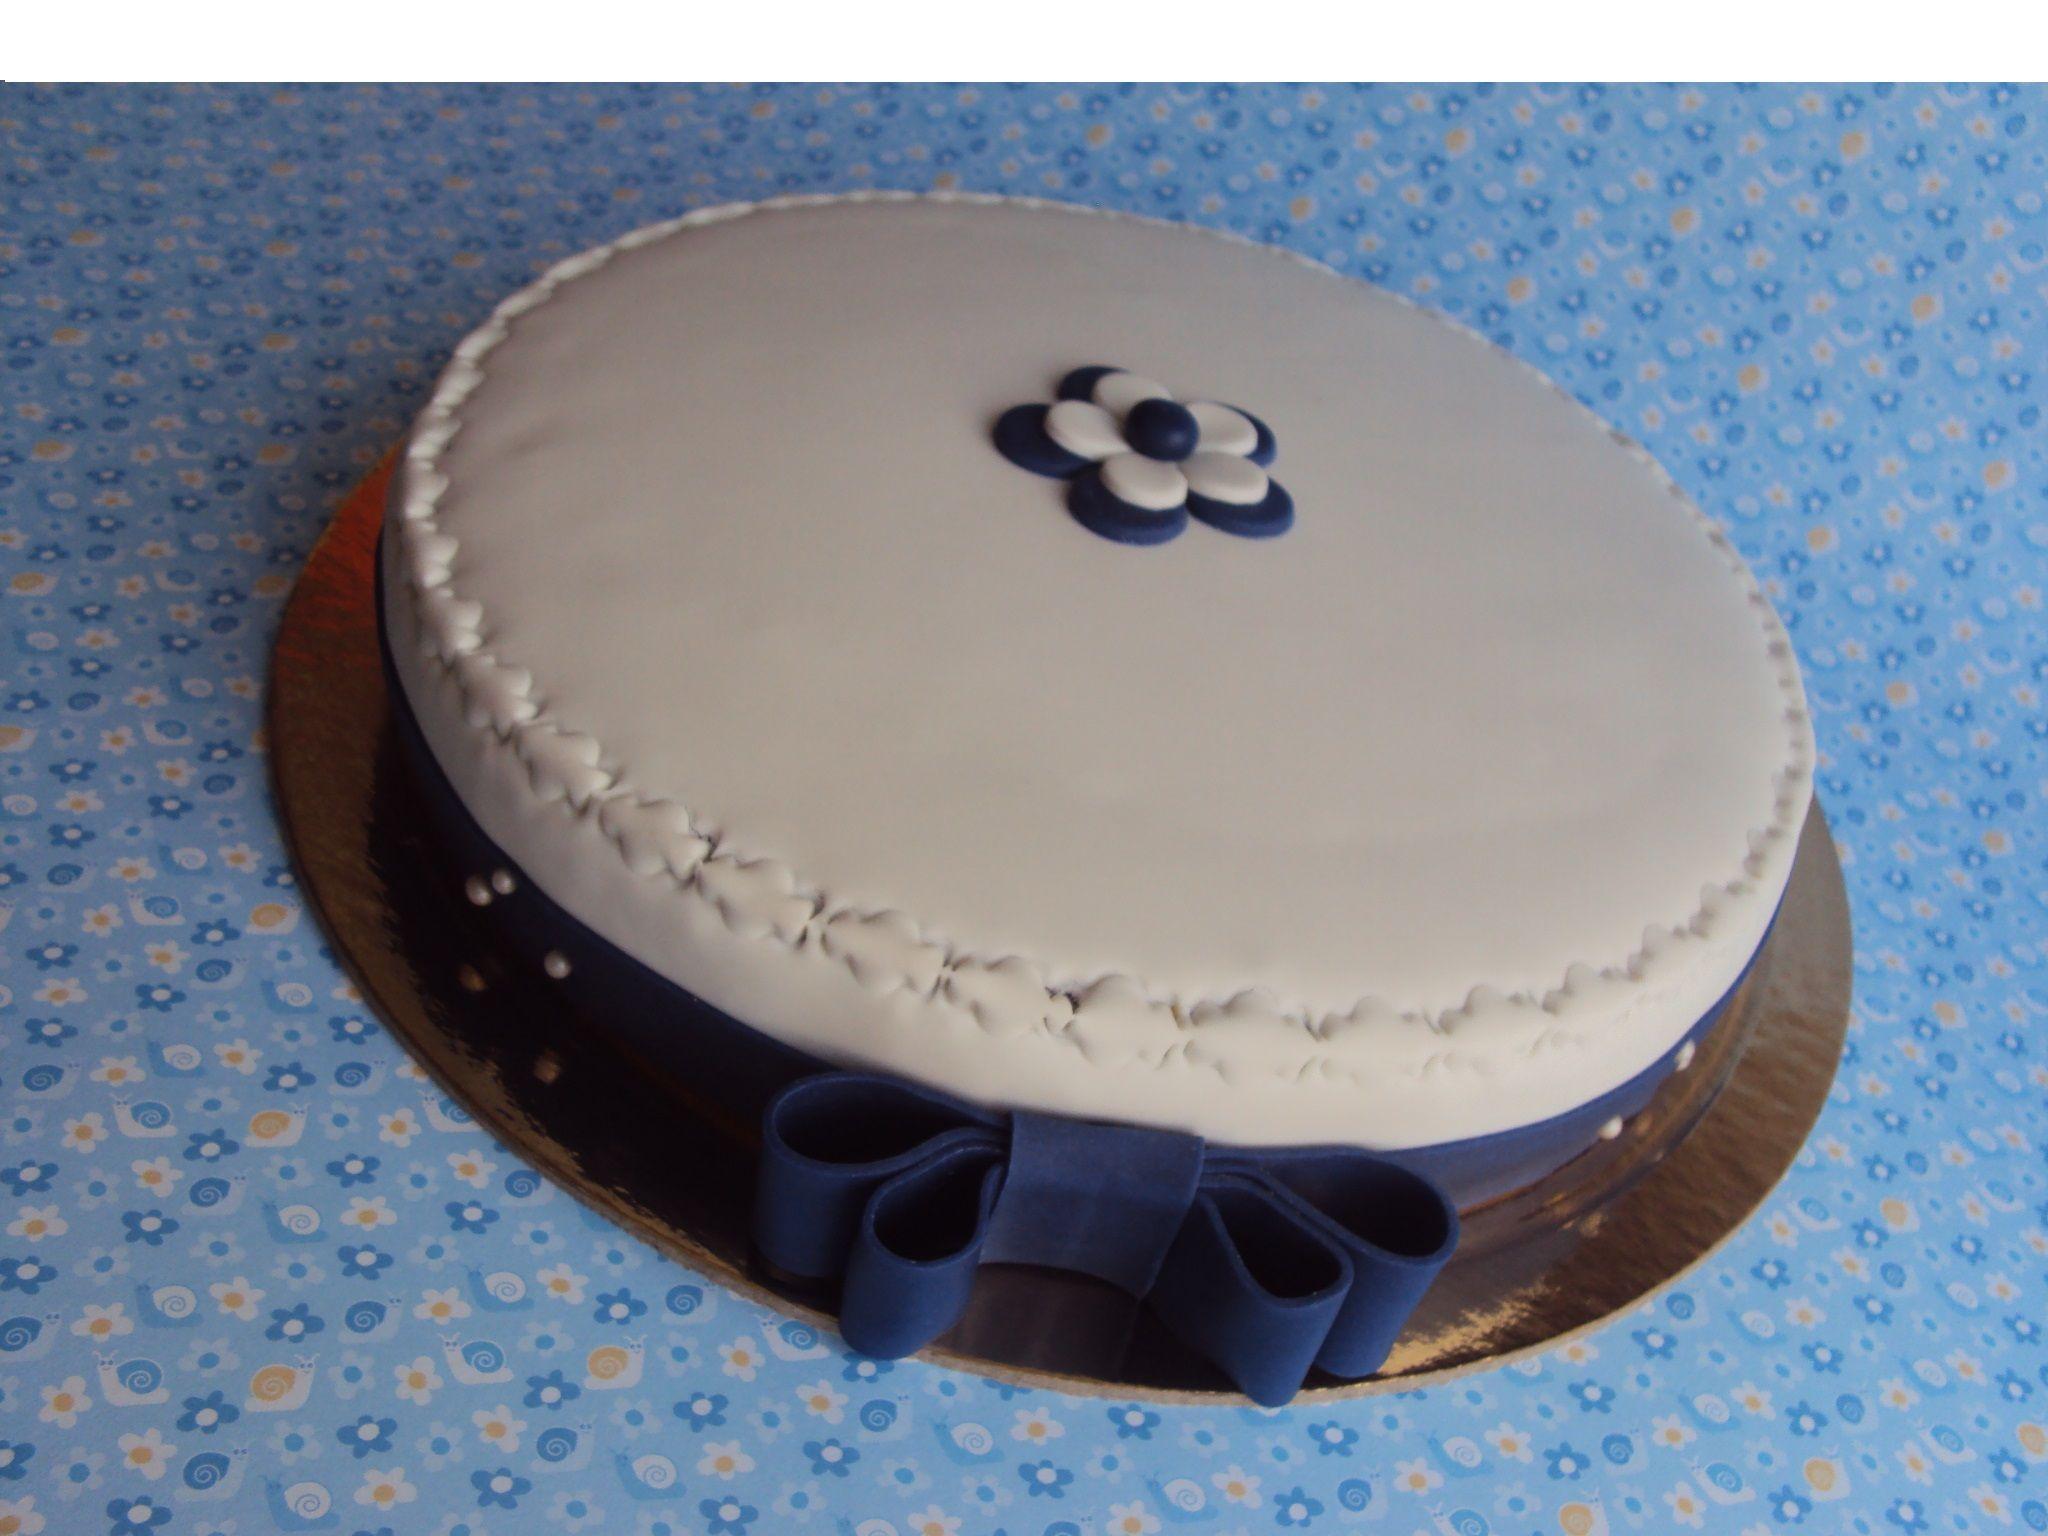 bolo de aniversário (bolo de iogurte)